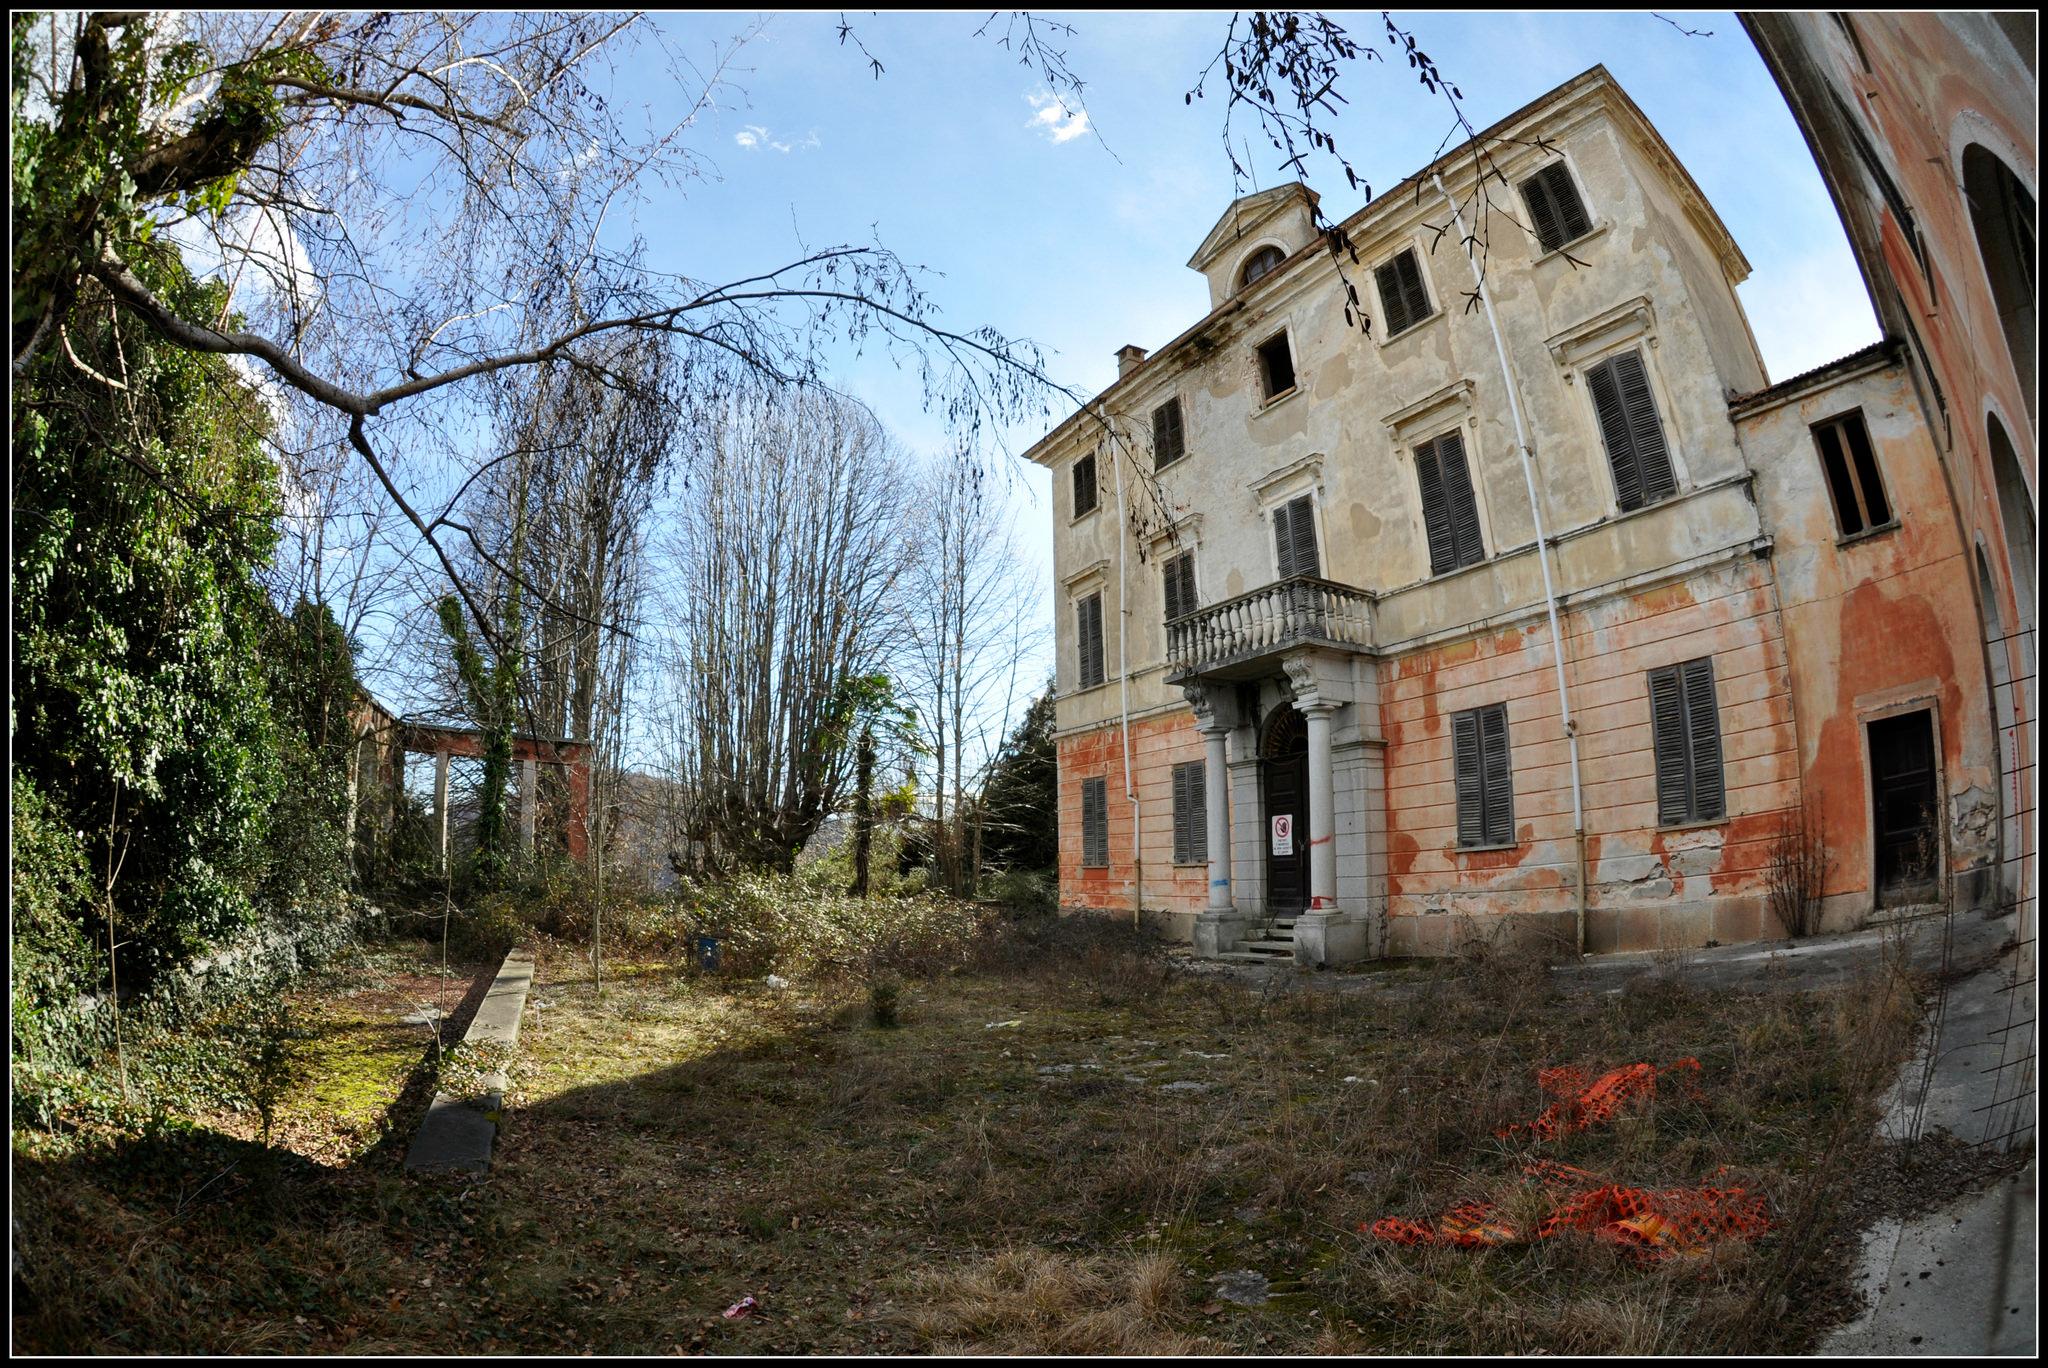 Onore e nobilt ascosi lasciti for Seminterrato di case abbandonate